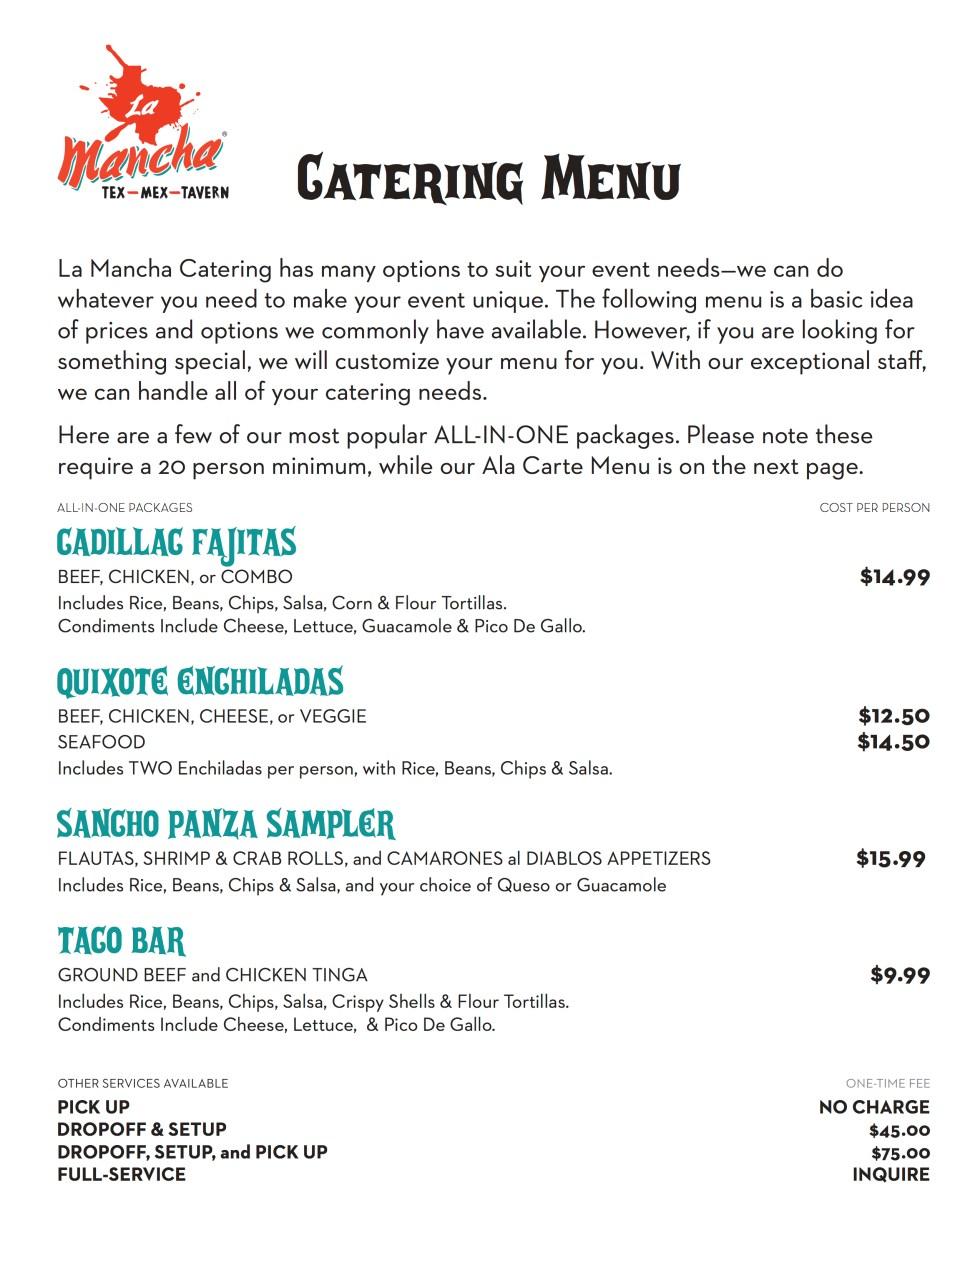 LaMancha-Catering-Menu 4.18.16